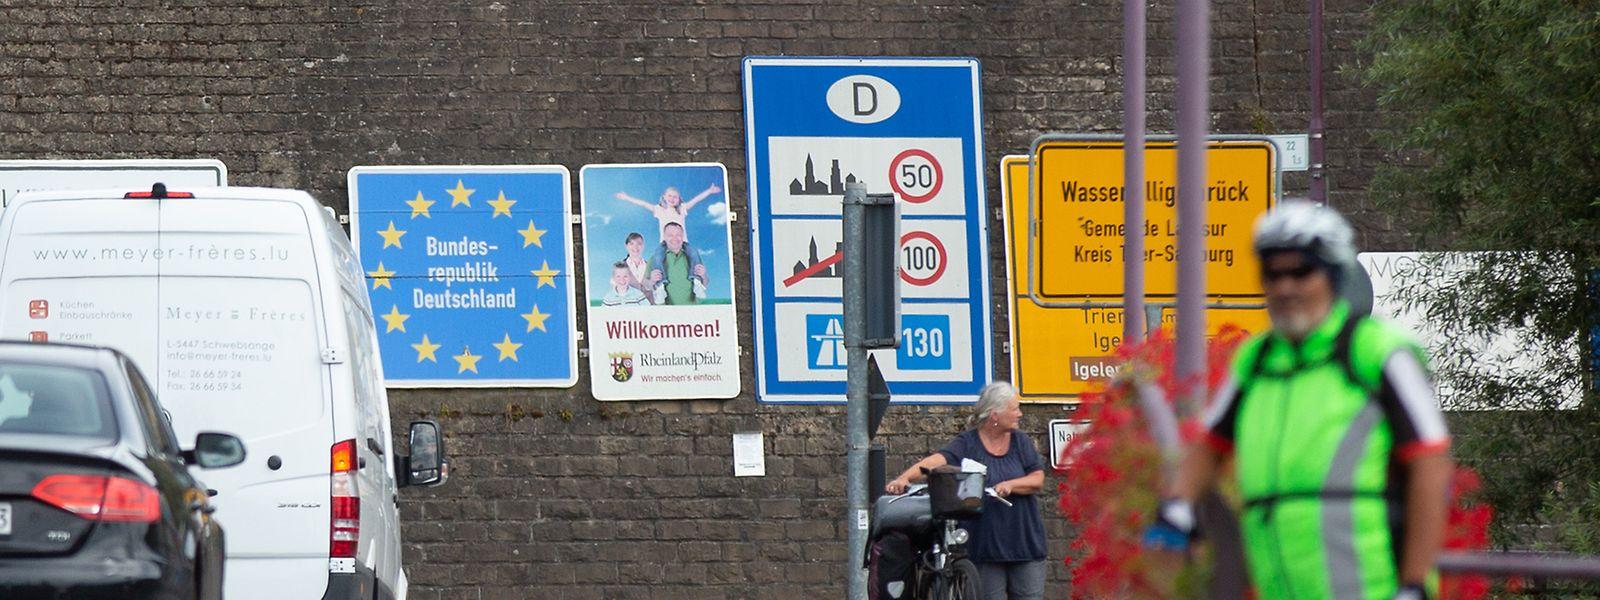 Il sera possible de se rendre en Rhénanie-Palatinat sans devoir subir un test covid à condition de séjourner moins de 24 heures.